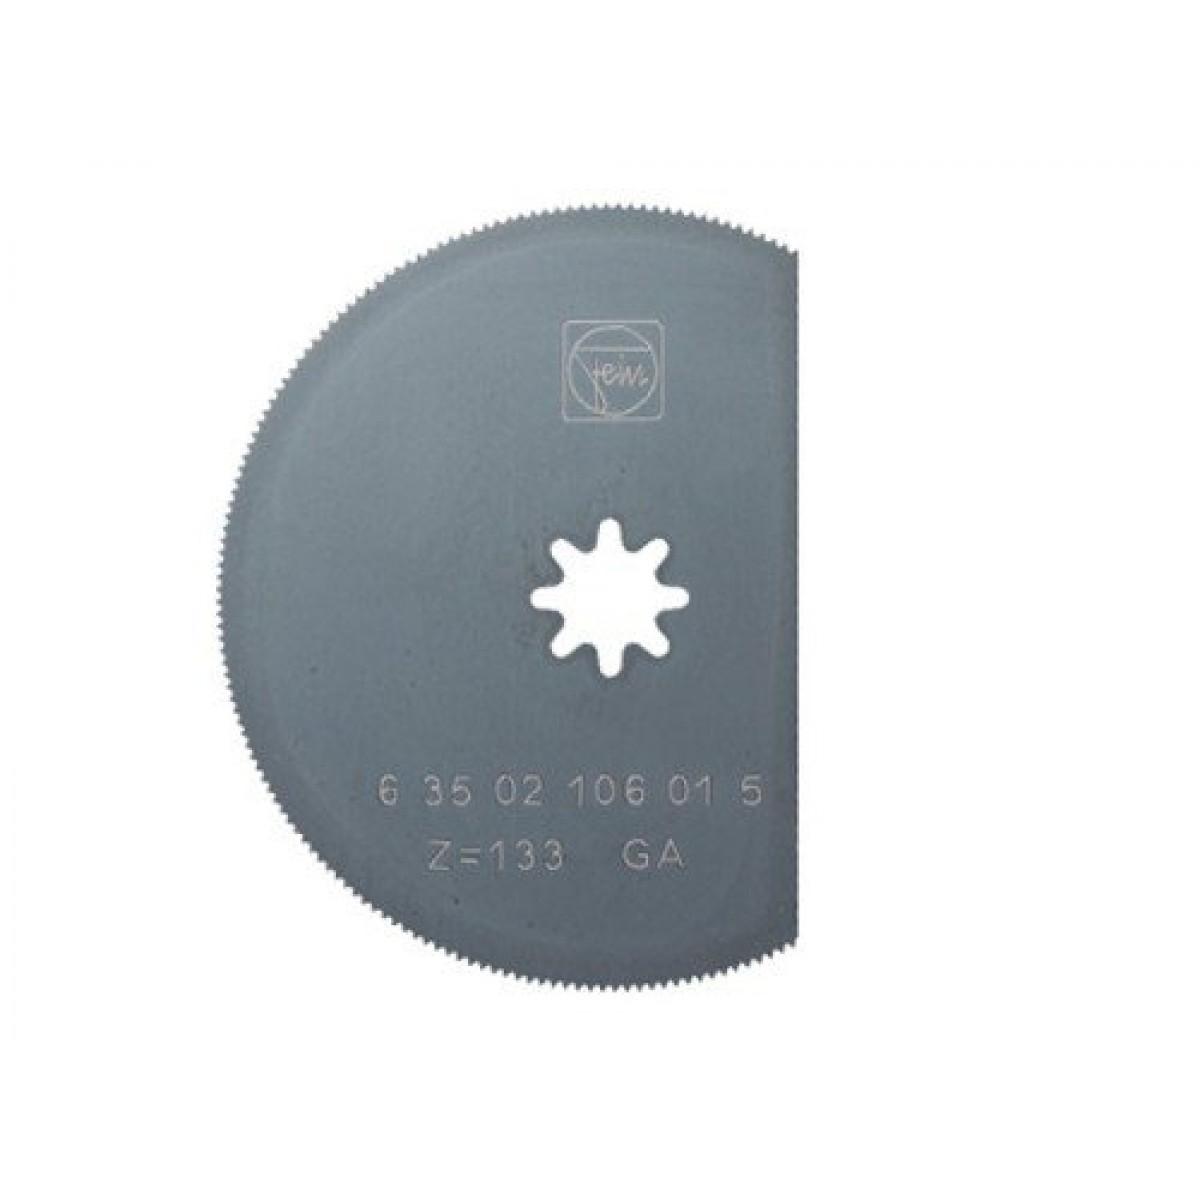 FEIN segmentklinge Ø80-31